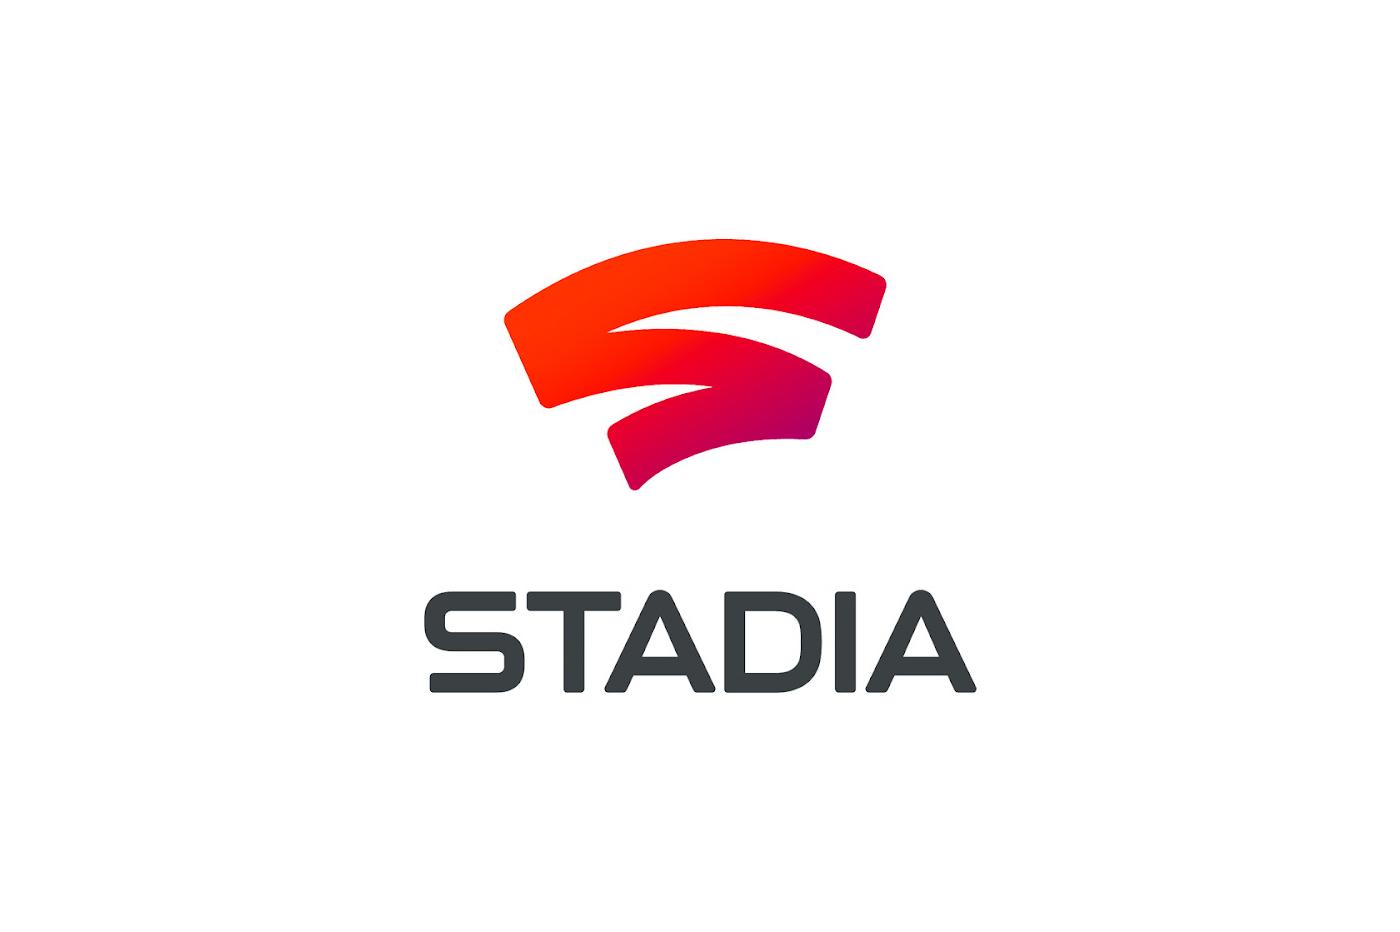 conférence Google Stadia 6 Juin 2019